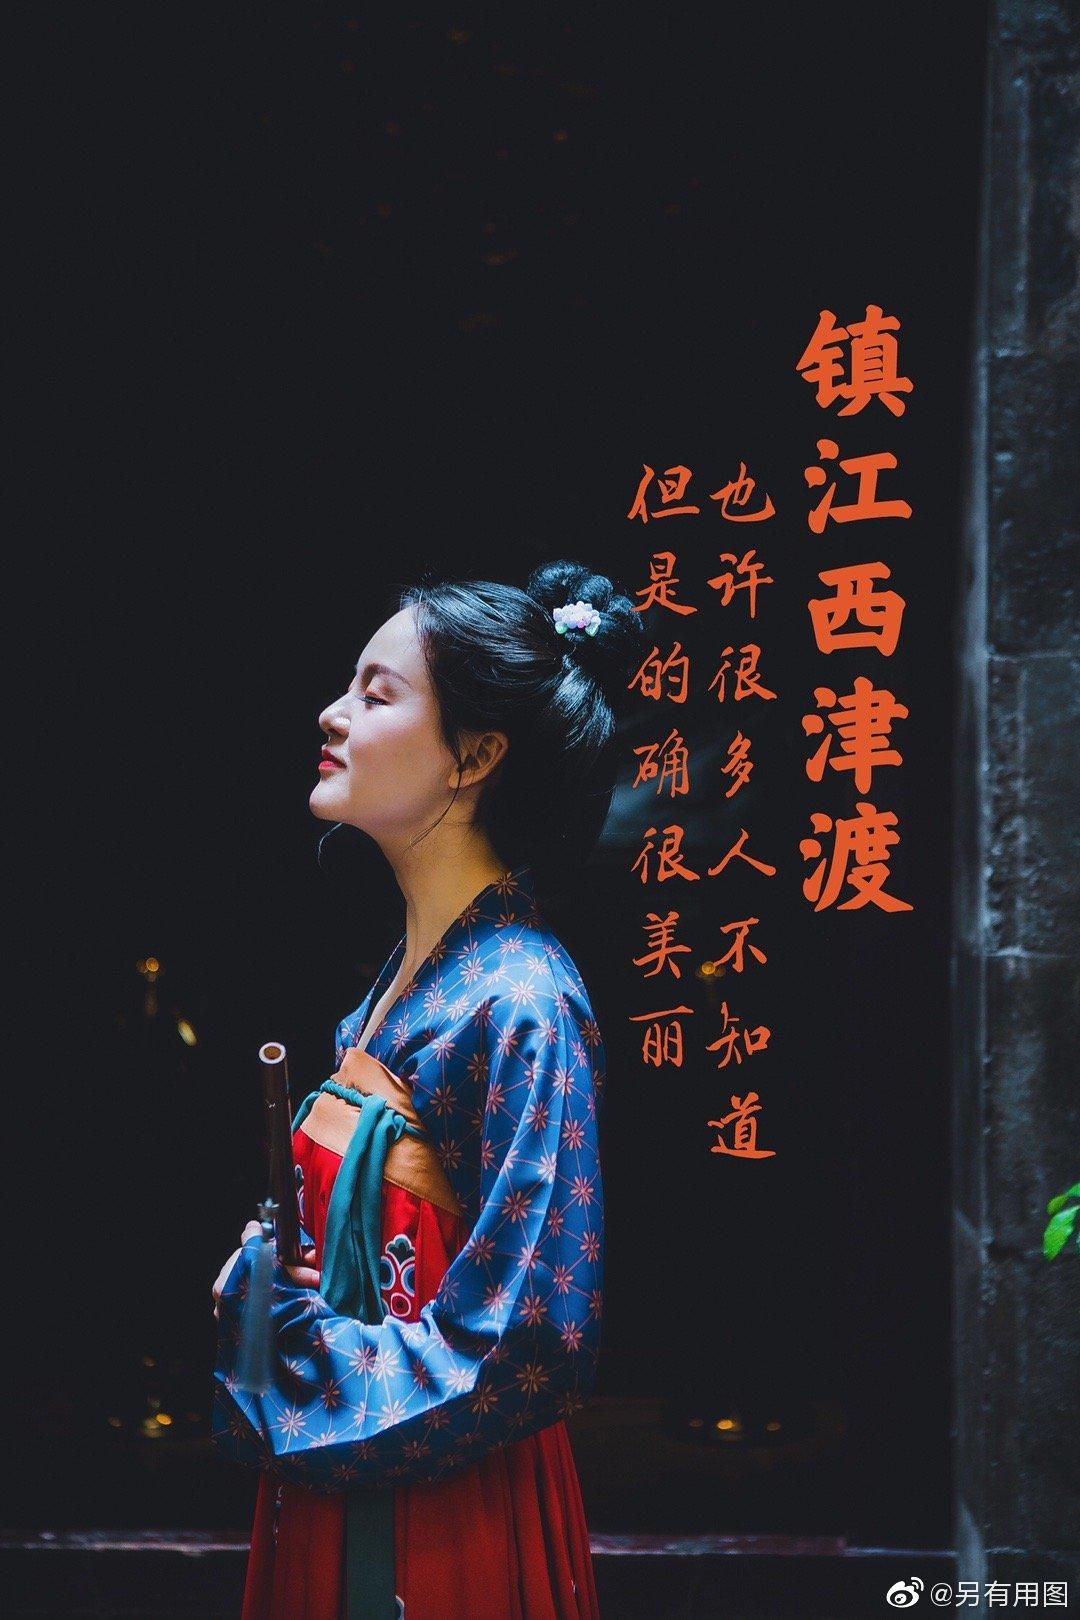 宋熙宁元年 (1068) 春,王安石应召赴京,从西津渡扬舟北去